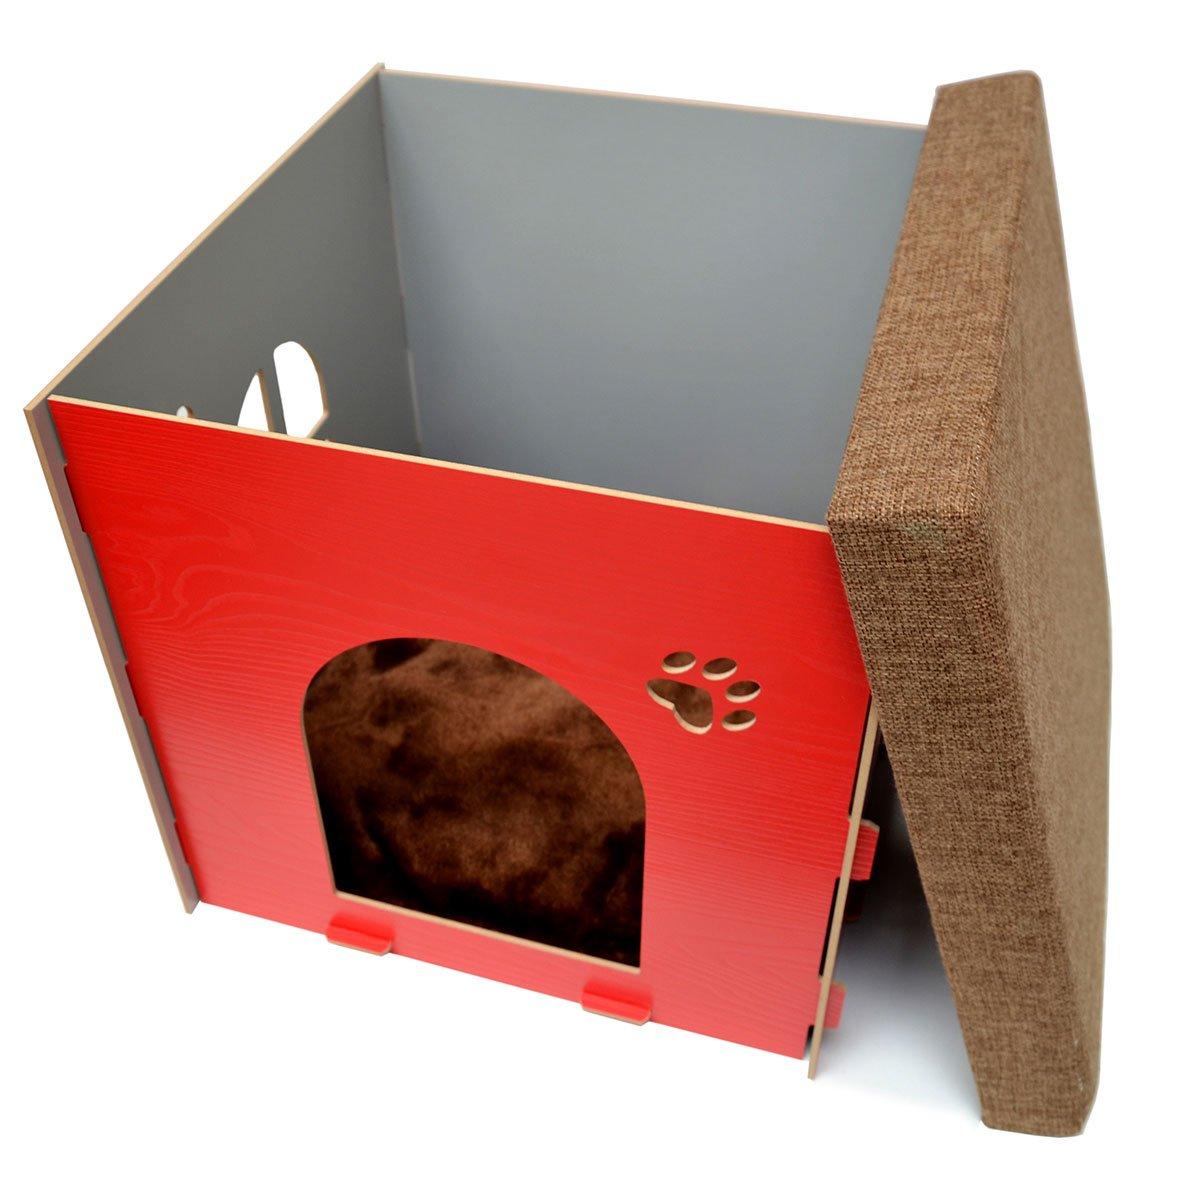 eyepower Caseta pequeña para Perro Gato 38x38x38cm cama caja cuadrada S para mascota con tapa acolchada para sentarse puf escabel Rojo: Amazon.es: Hogar